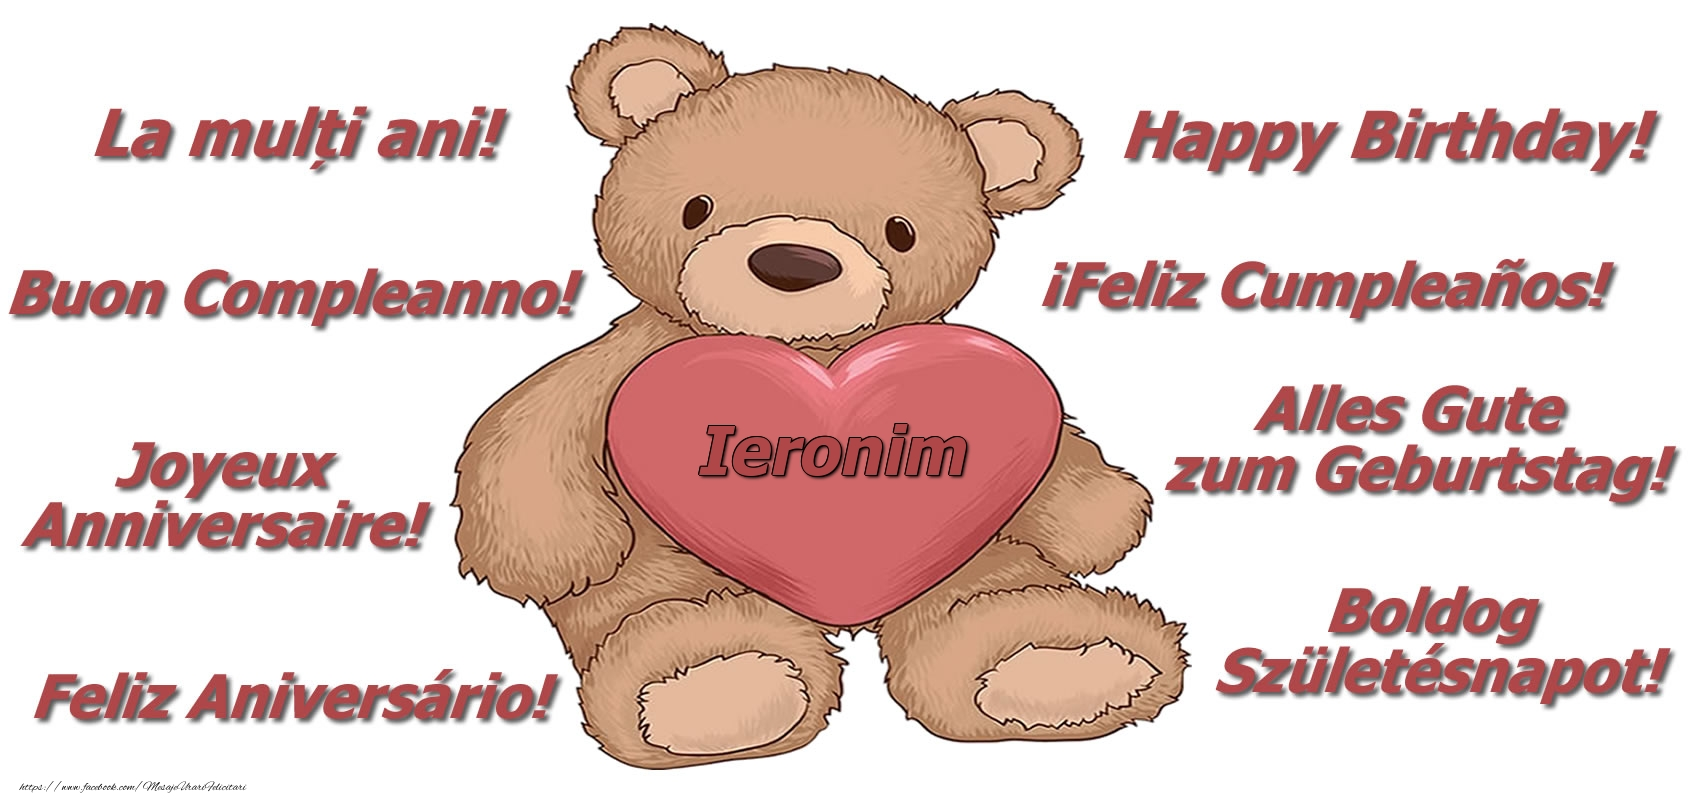 Felicitari de zi de nastere - La multi ani Ieronim! - Ursulet